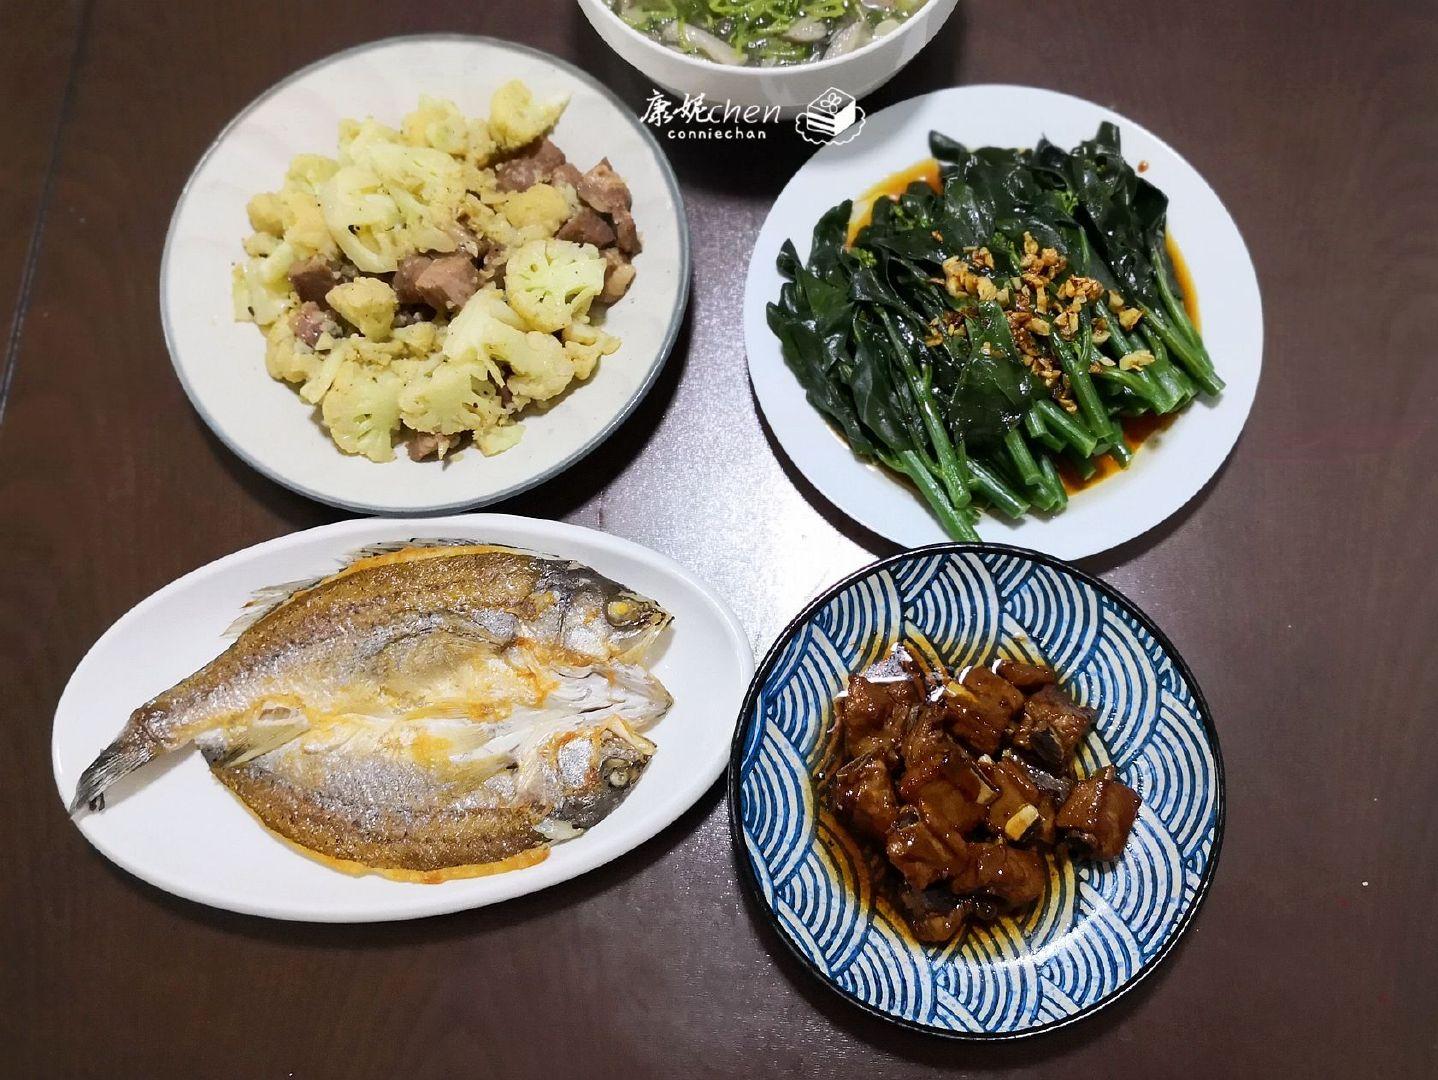 周日回父母家,做了4菜1汤,实惠又卫生,营养味美,好吃不浪费